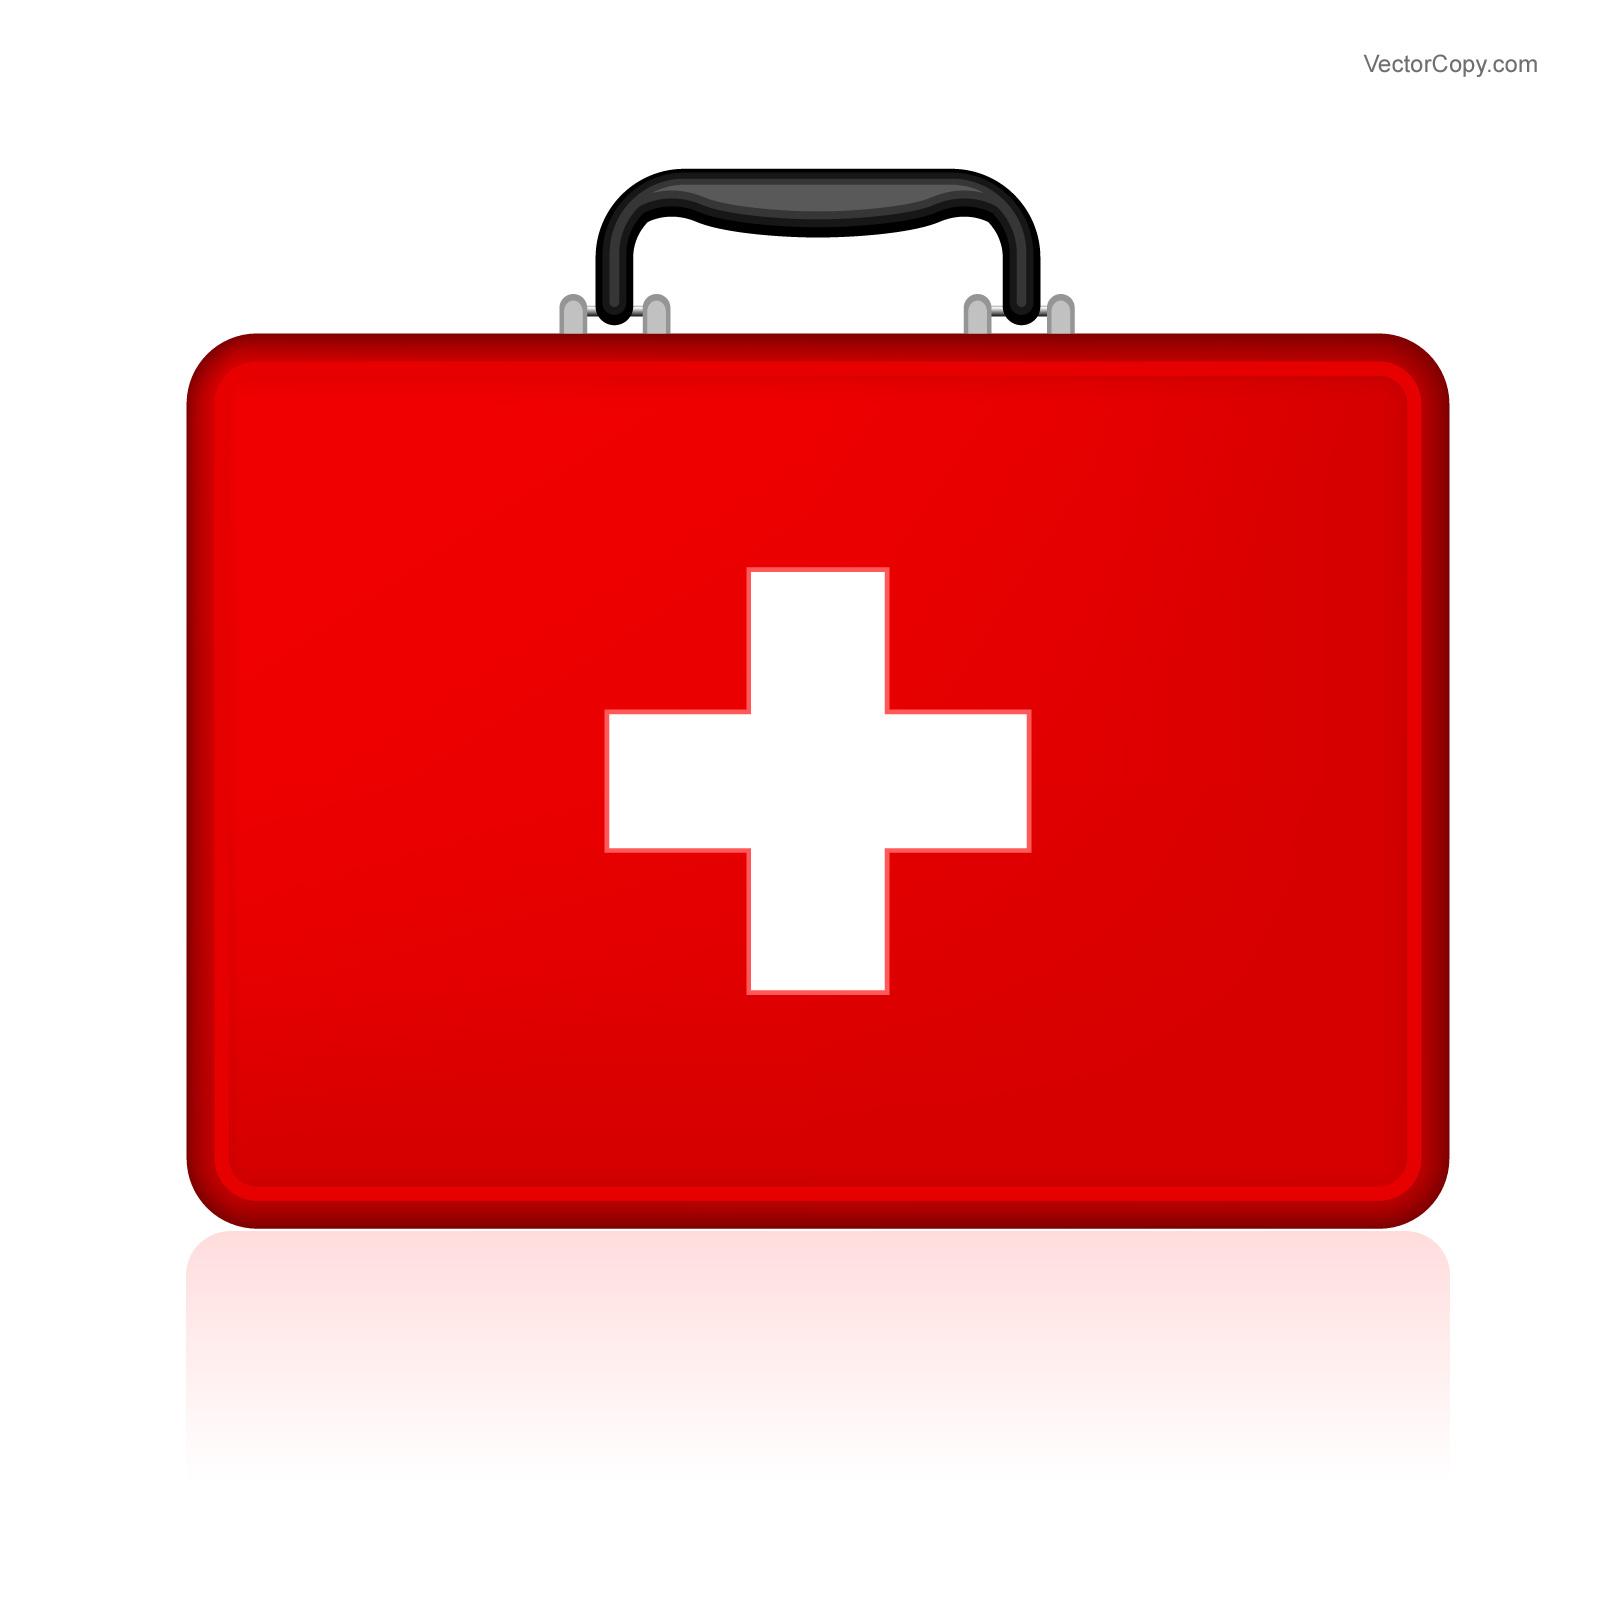 First aid bag clipart.